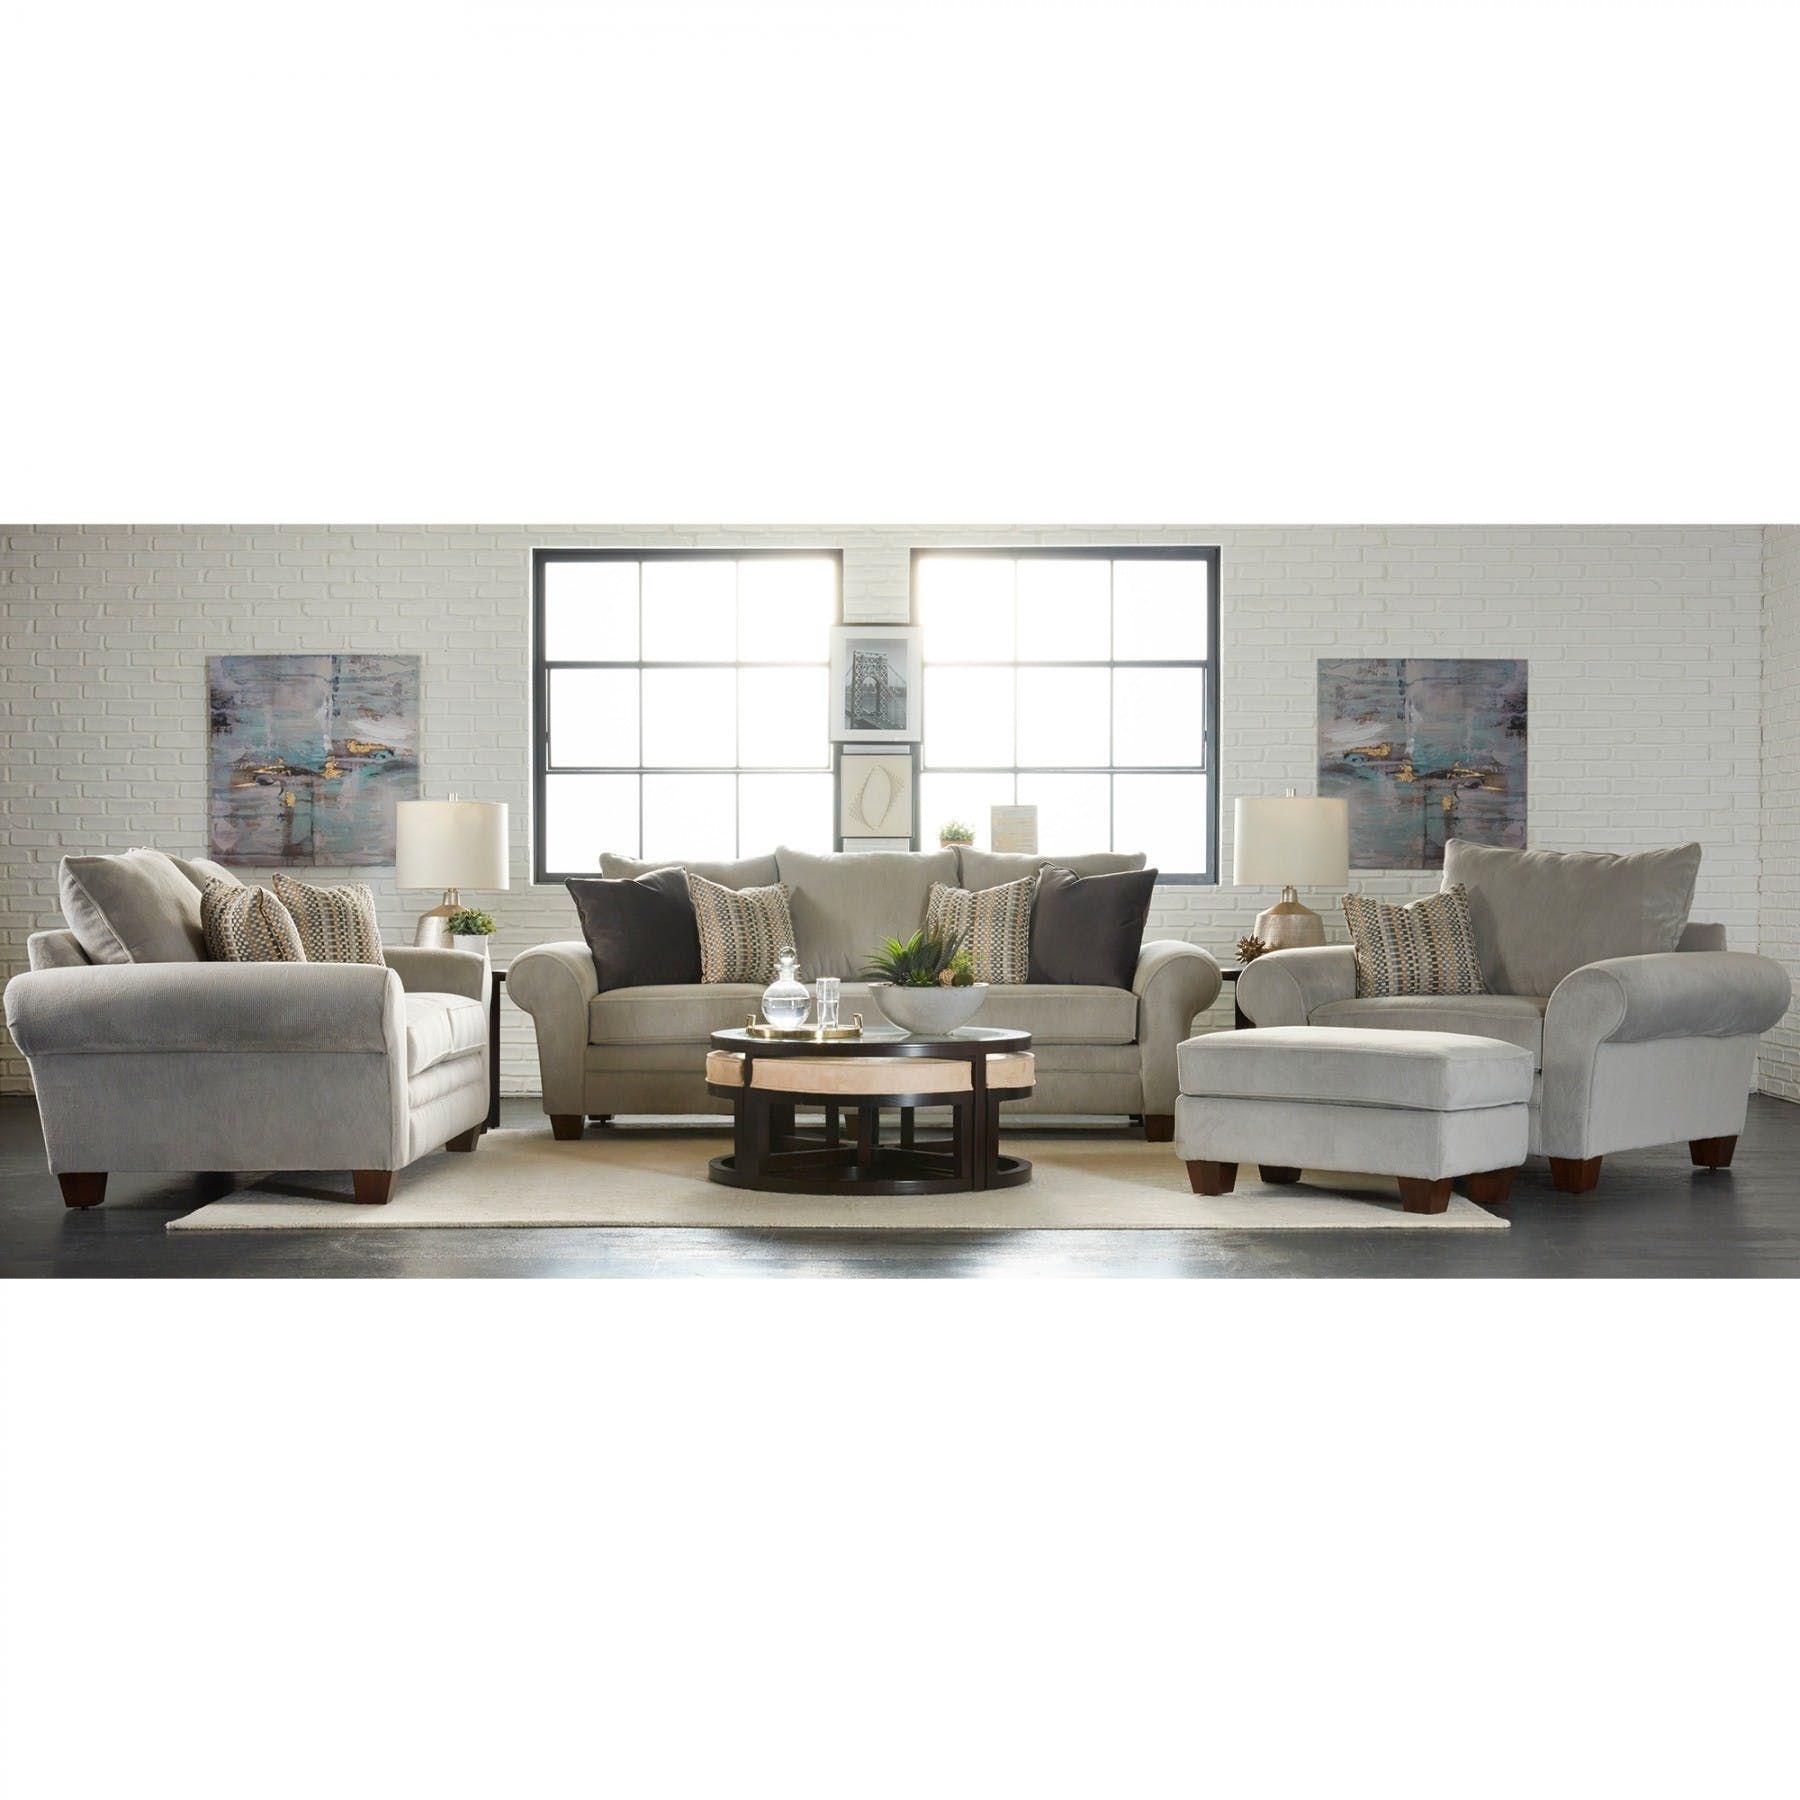 Kazler Sofa Fabric Sofas Living Room Bernie Phyl S